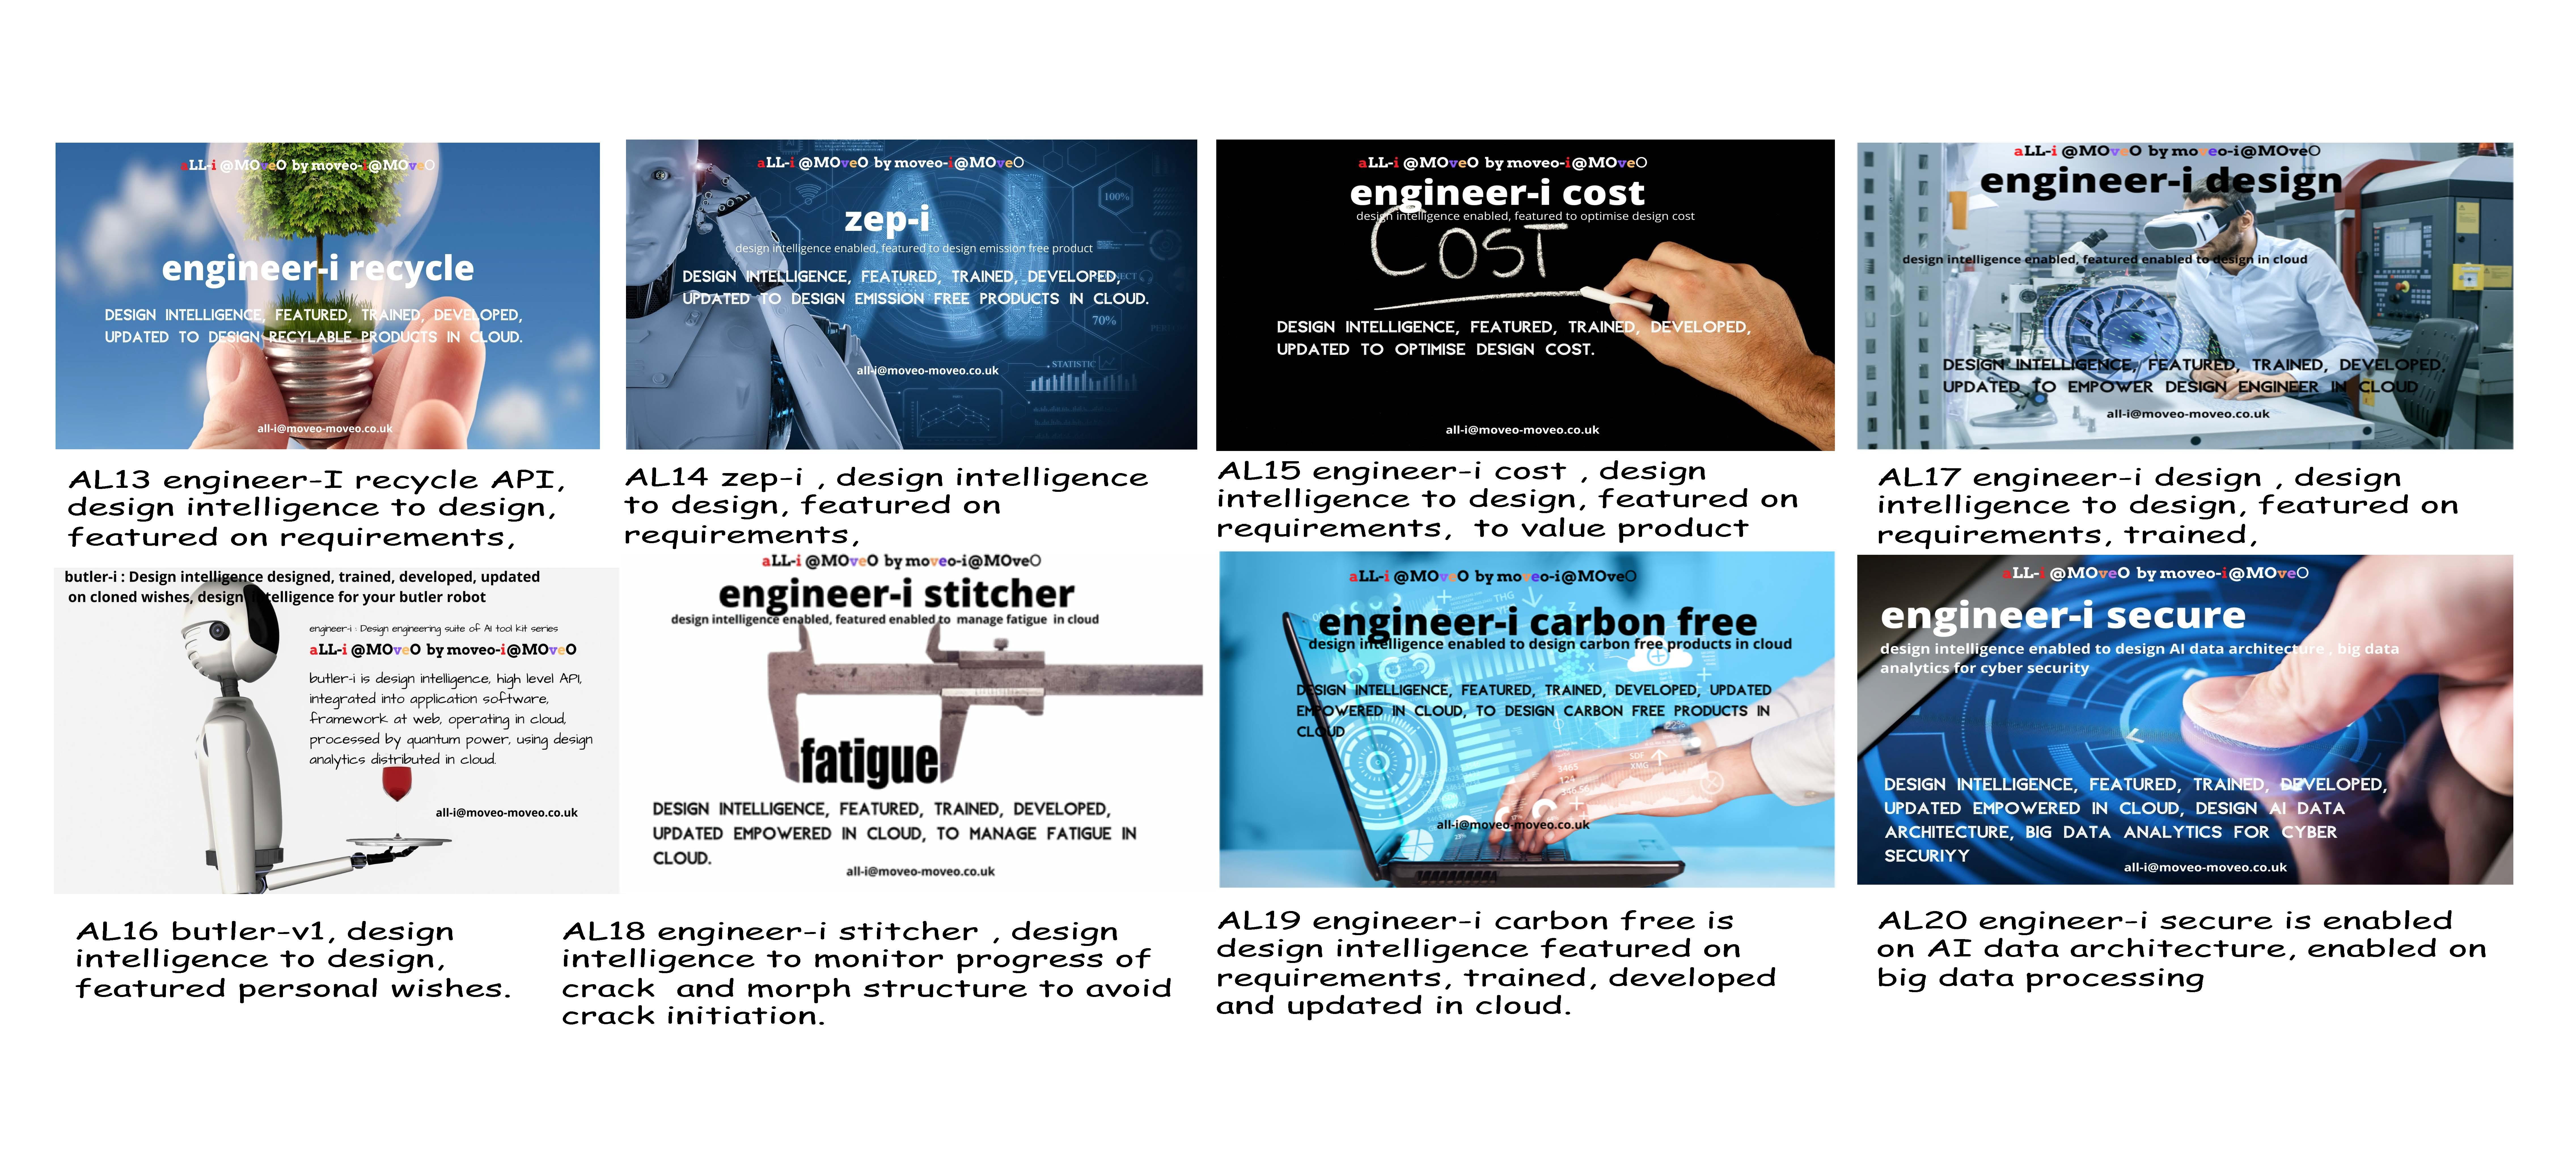 engineer-i suite product catalog season